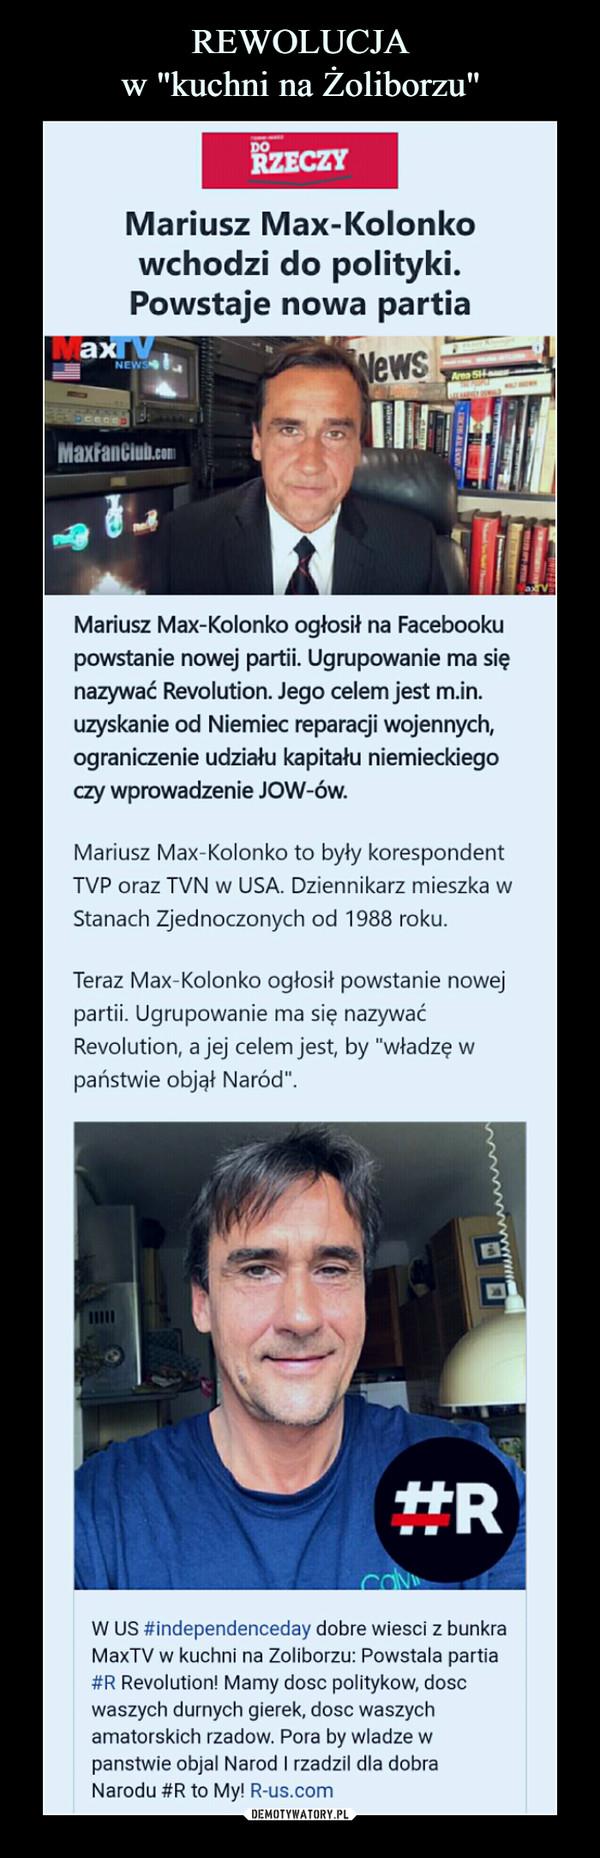 """–  Mariusz Max-Kolonkowchodzi do polityki.Powstaje nowa partiaMariusz Max-Kolonko ogłosił na Facebookupowstanie nowej partii. Ugrupowanie ma sięnazywać Revolution. Jego celem jest m.in.uzyskanie od Niemiec reparacji wojennych,ograniczenie udziału kapitału niemieckiegoczy wprowadzenie JOW-ów.Mariusz Max-Kolonko to były korespondentTVP oraz TVN w USA. Dziennikarz mieszka wStanach Zjednoczonych od 1988 roku.Teraz Max-Ko!onko ogłosił powstanie nowejpartii. Ugrupowanie ma się nazywaćRevolution. a jej celem jest, by """"władzę wpaństwie objął Naród""""."""